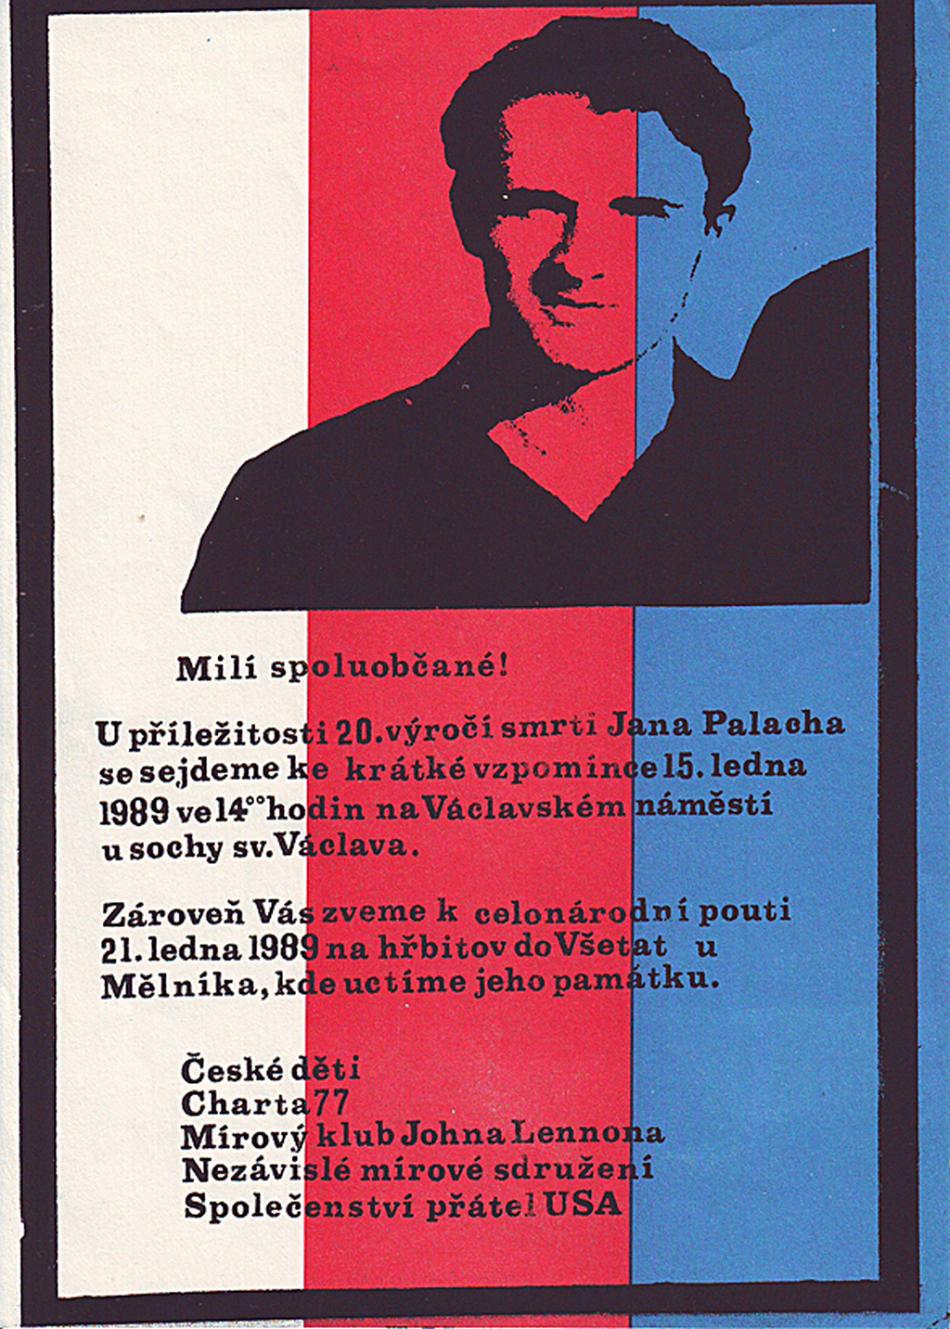 Leták s informacemi o shromážděních konaných při příležitosti 20. výročí sebeupálení Jana Palacha